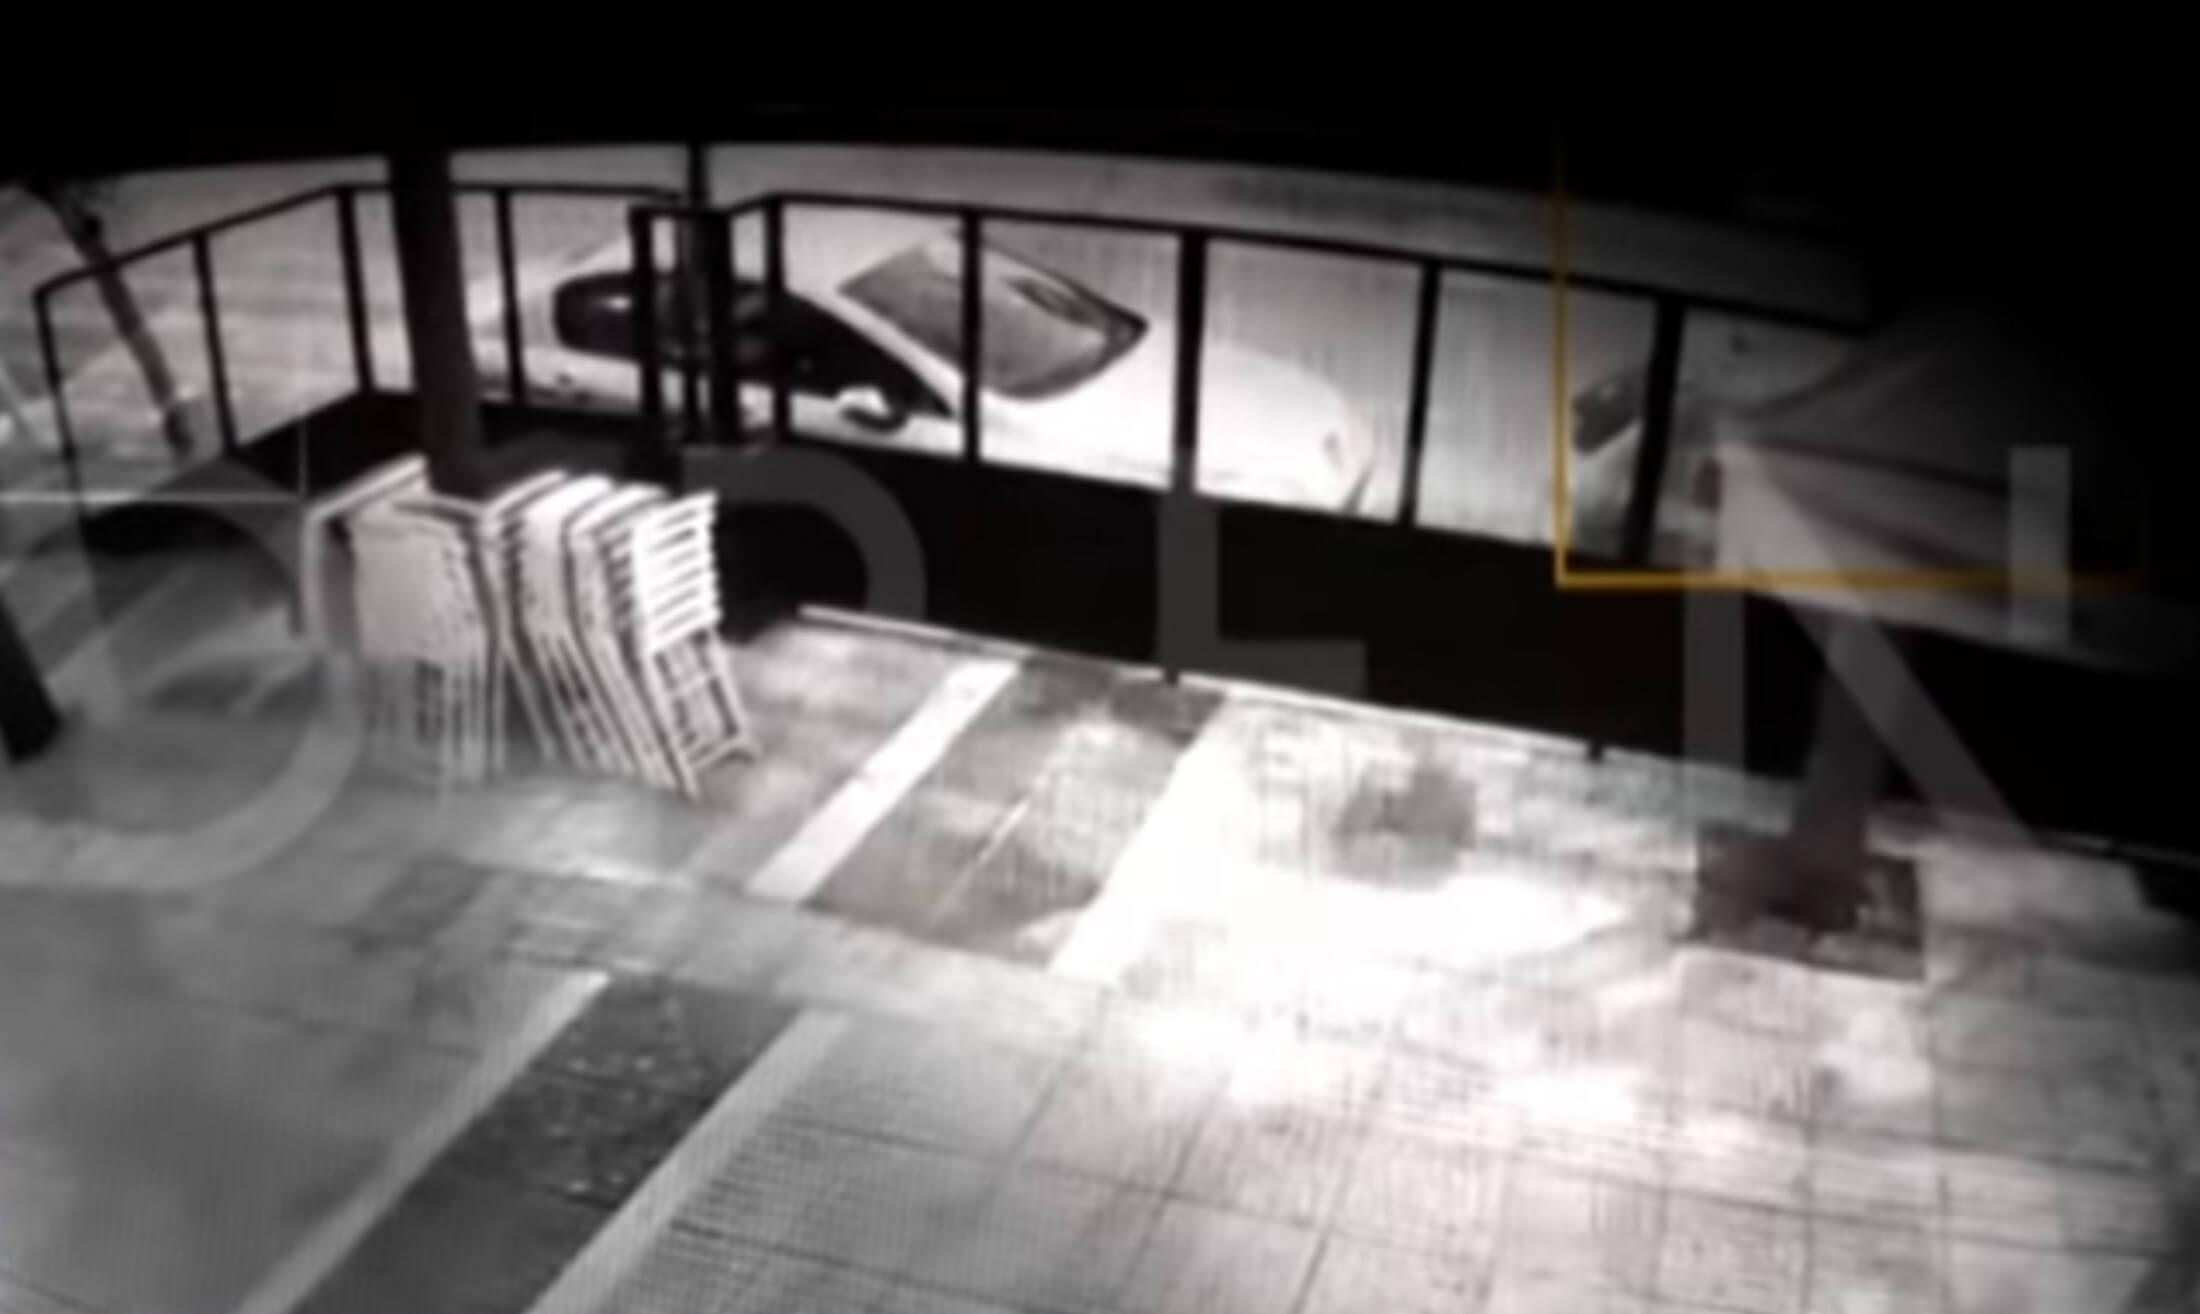 Πλησιάζουν στη σύλληψη του ασυνείδητου οδηγού που τραυμάτισε και εγκατέλειψε κοπέλα! Βίντεο ντοκουμέντο